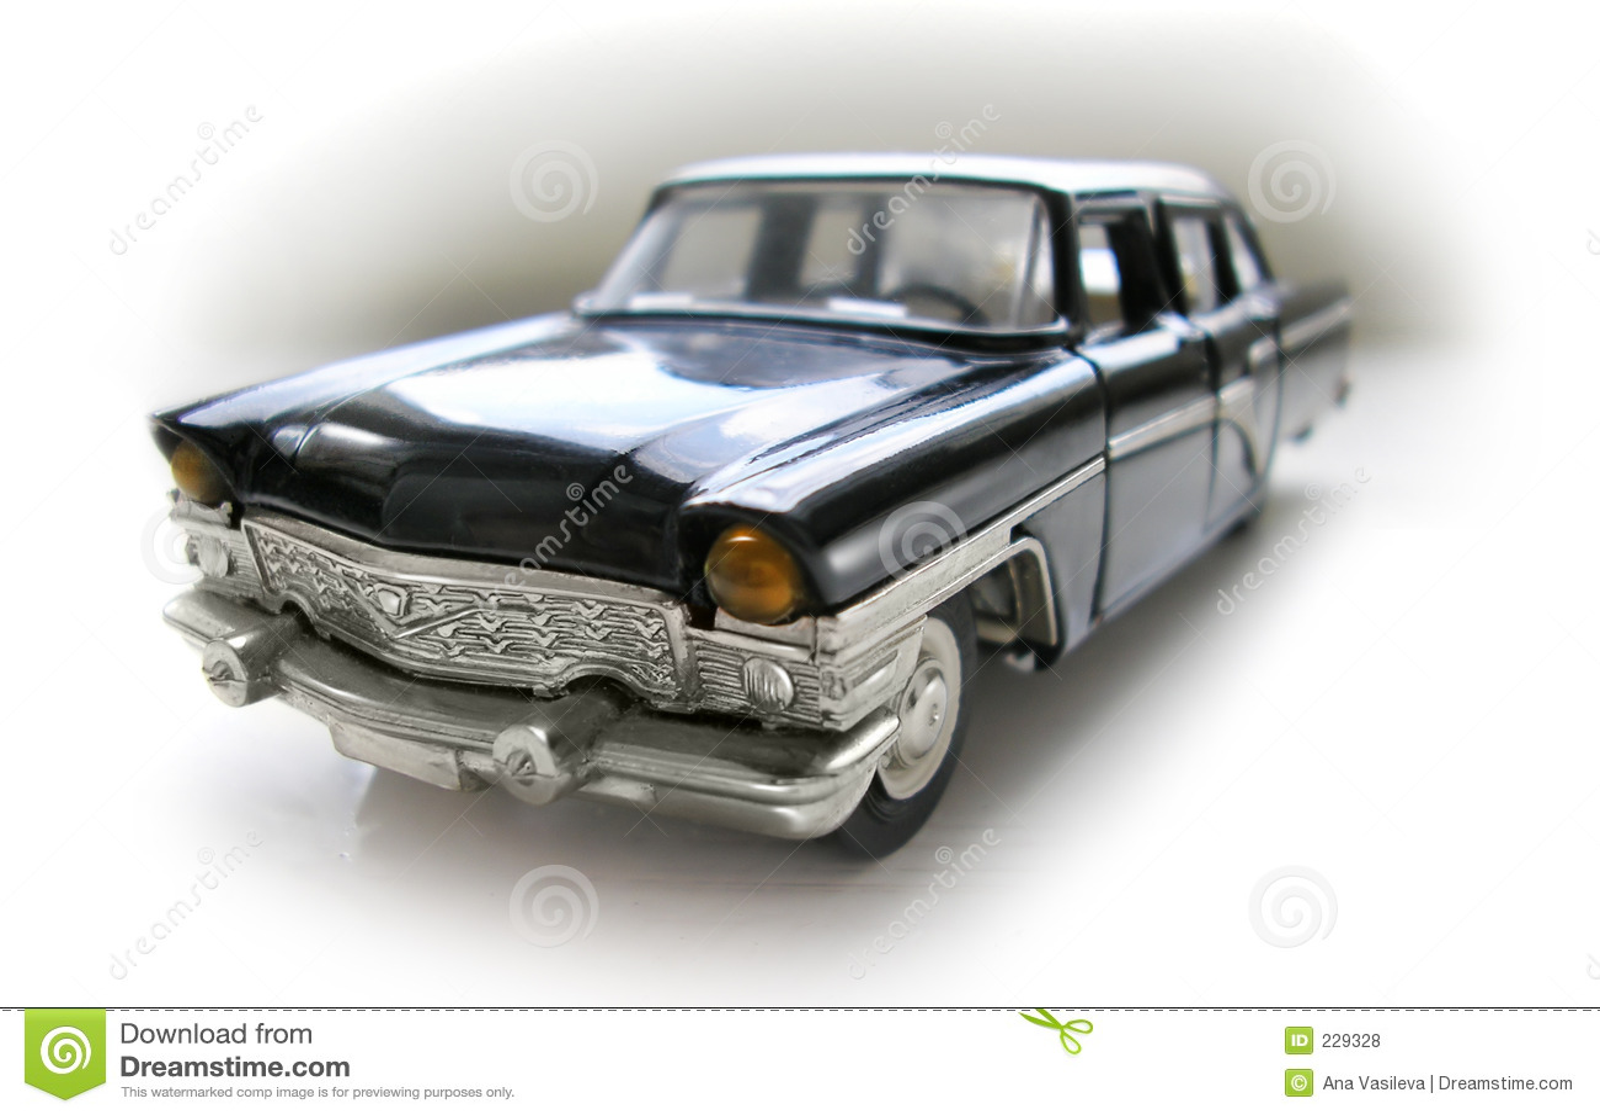 Alte die Sowjetunion-Limousine - vorbildliches Auto. Liebhaberei, Ansammlung